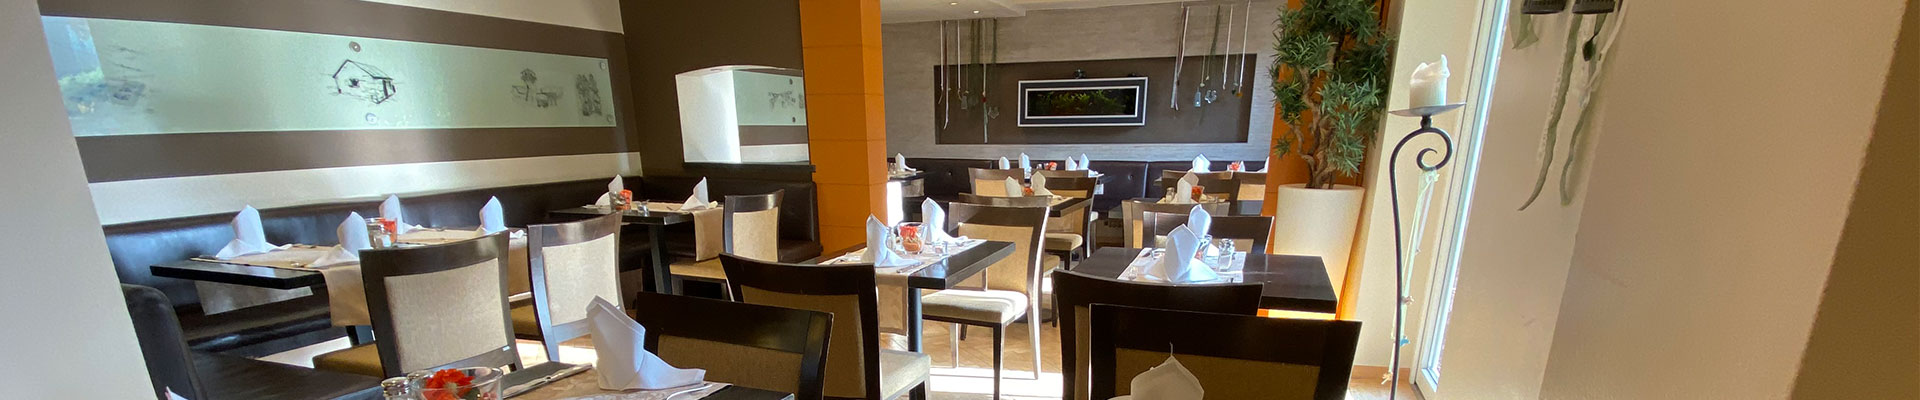 Römerhof - Restaurant